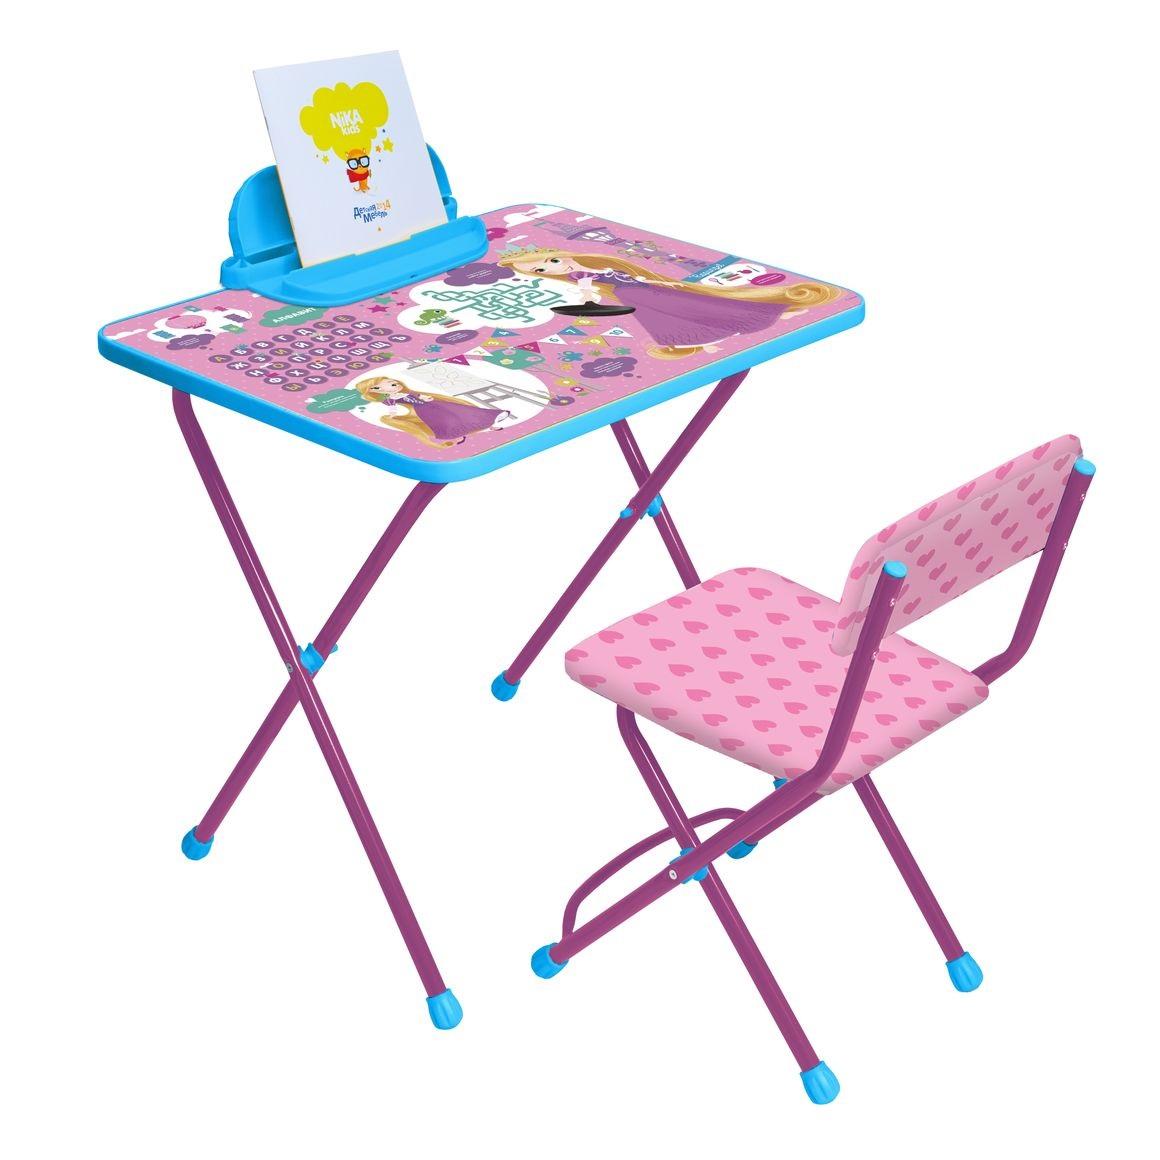 Купить Набор детской мебели в стиле Рапунцель, Ника